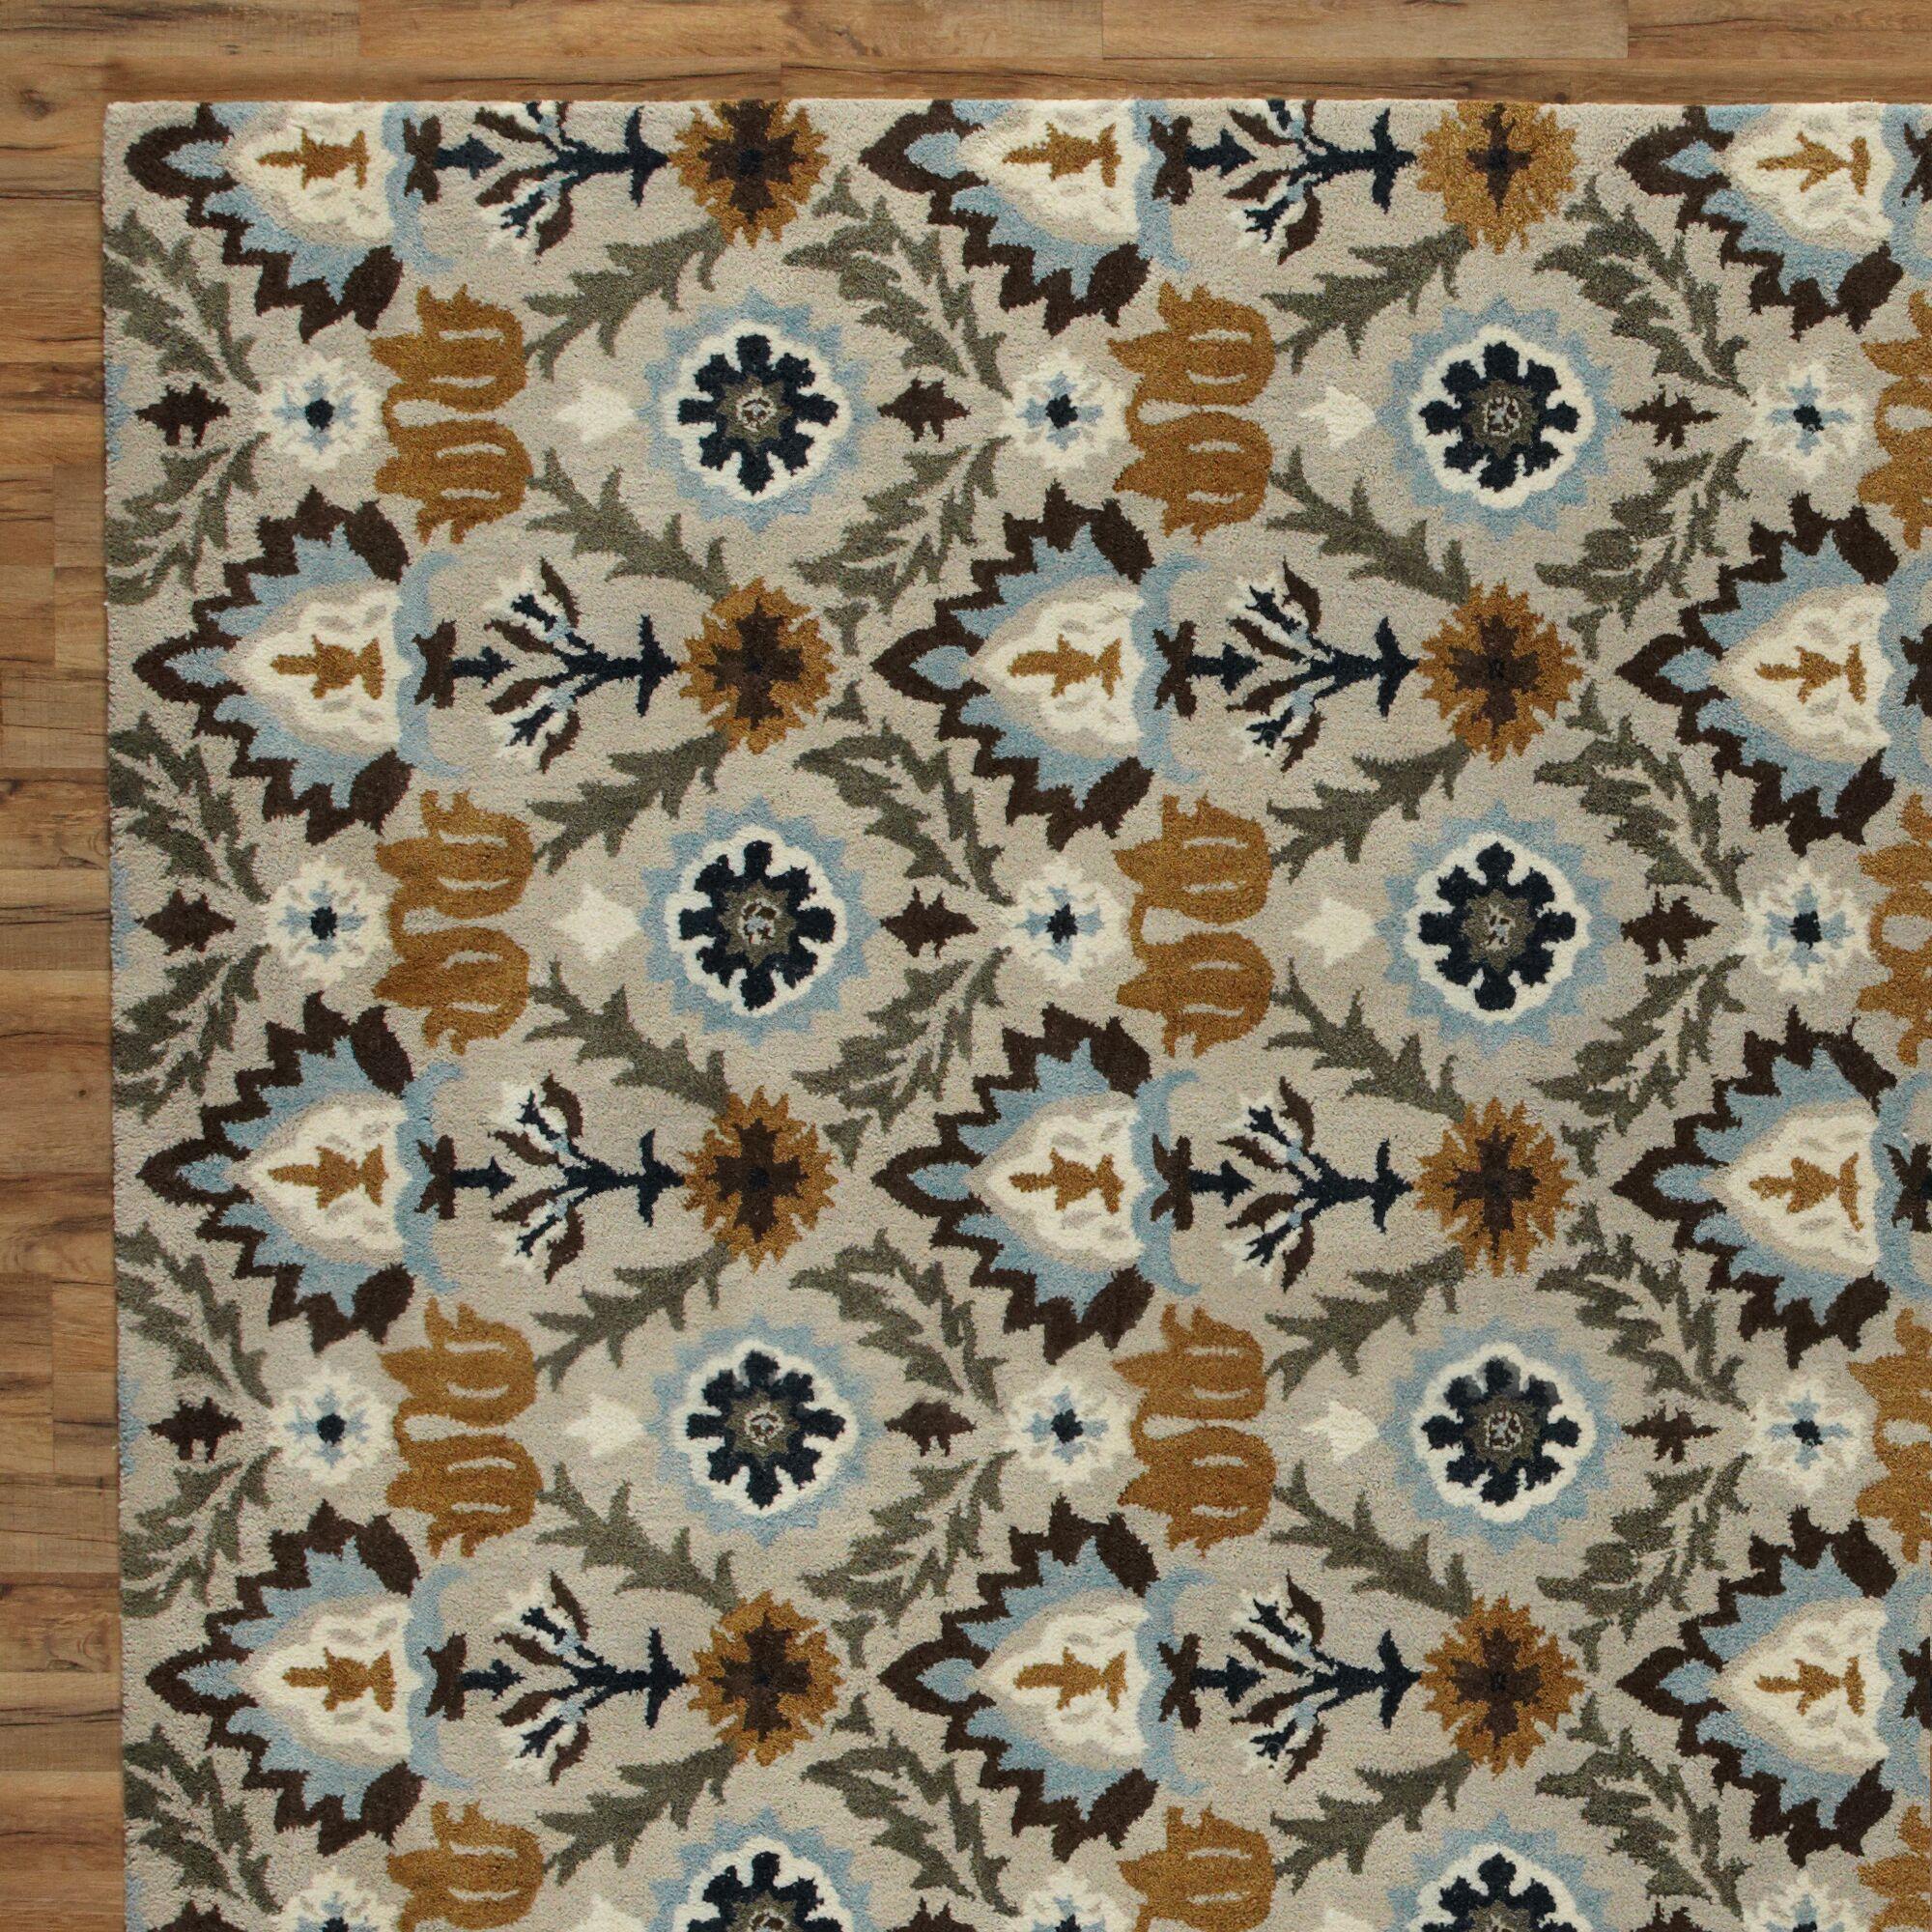 Devon Blue & Parchment Rug Rug Size: Rectangle 5' x 8'